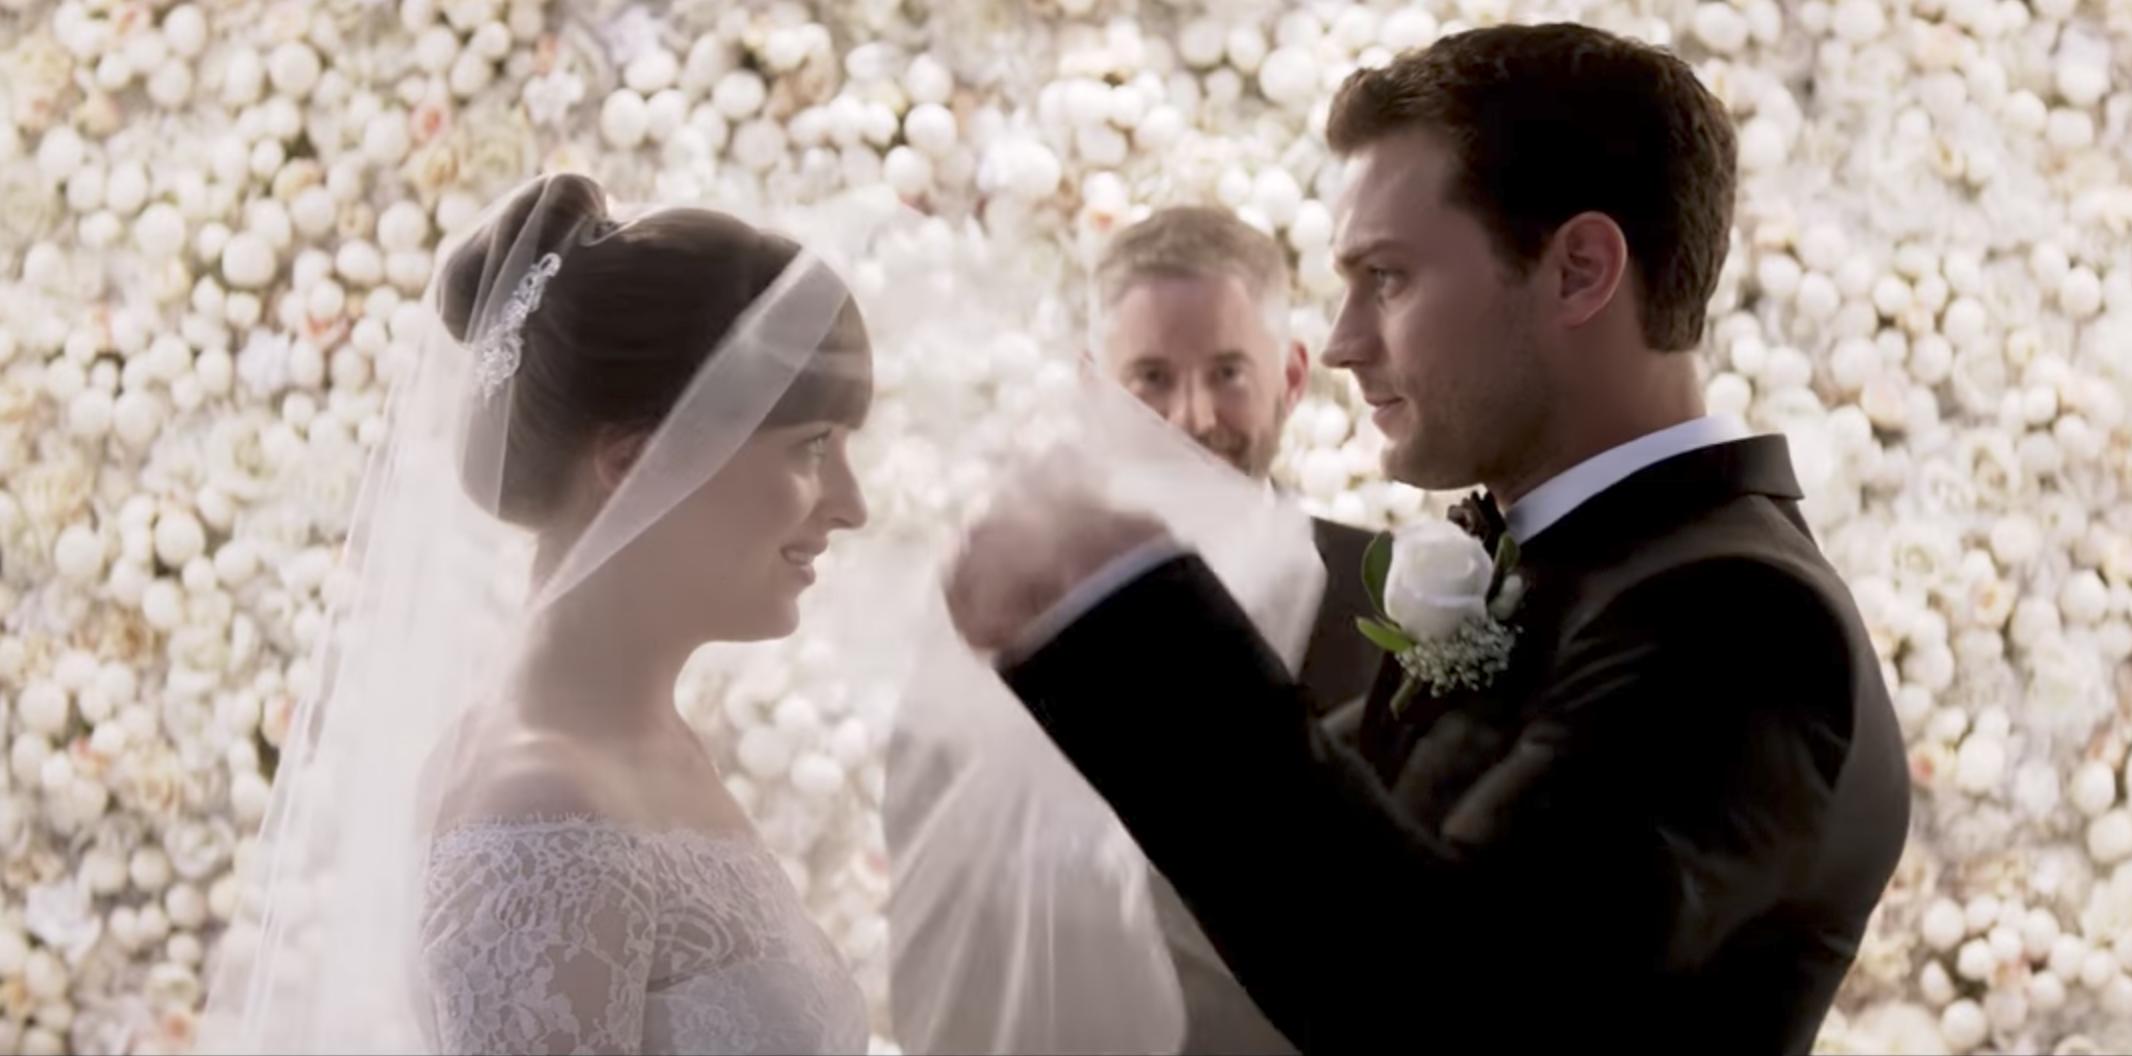 Descarga De Pelicula De Cincuenta Sombras Liberadas Mp4 Wedding Movies Fifty Shades Freed Top Film